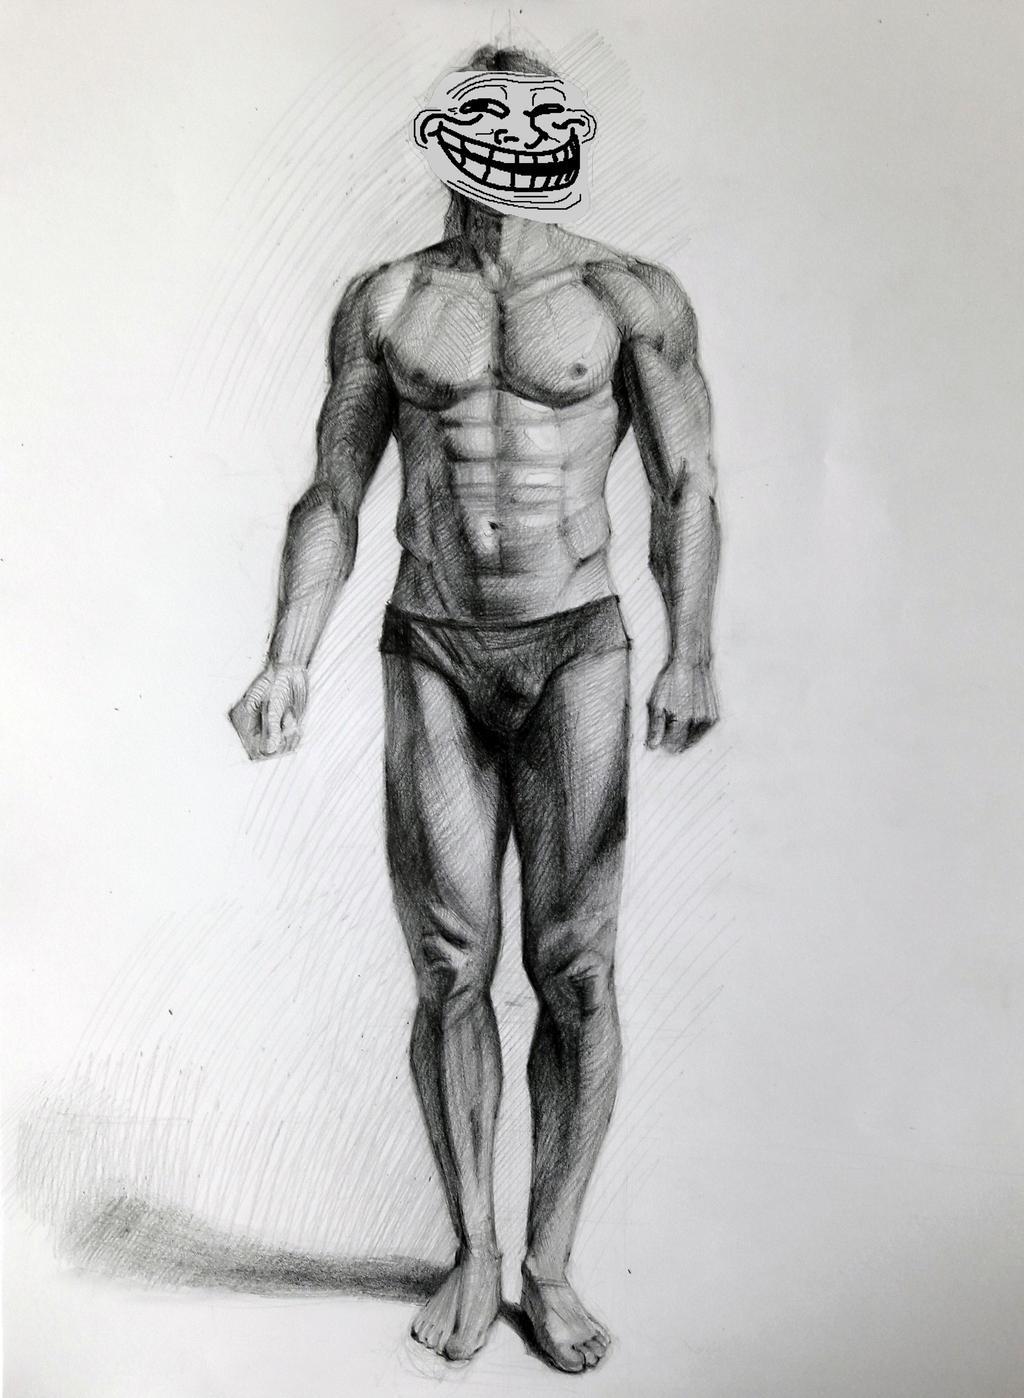 Study drawing # 15 by Vangega